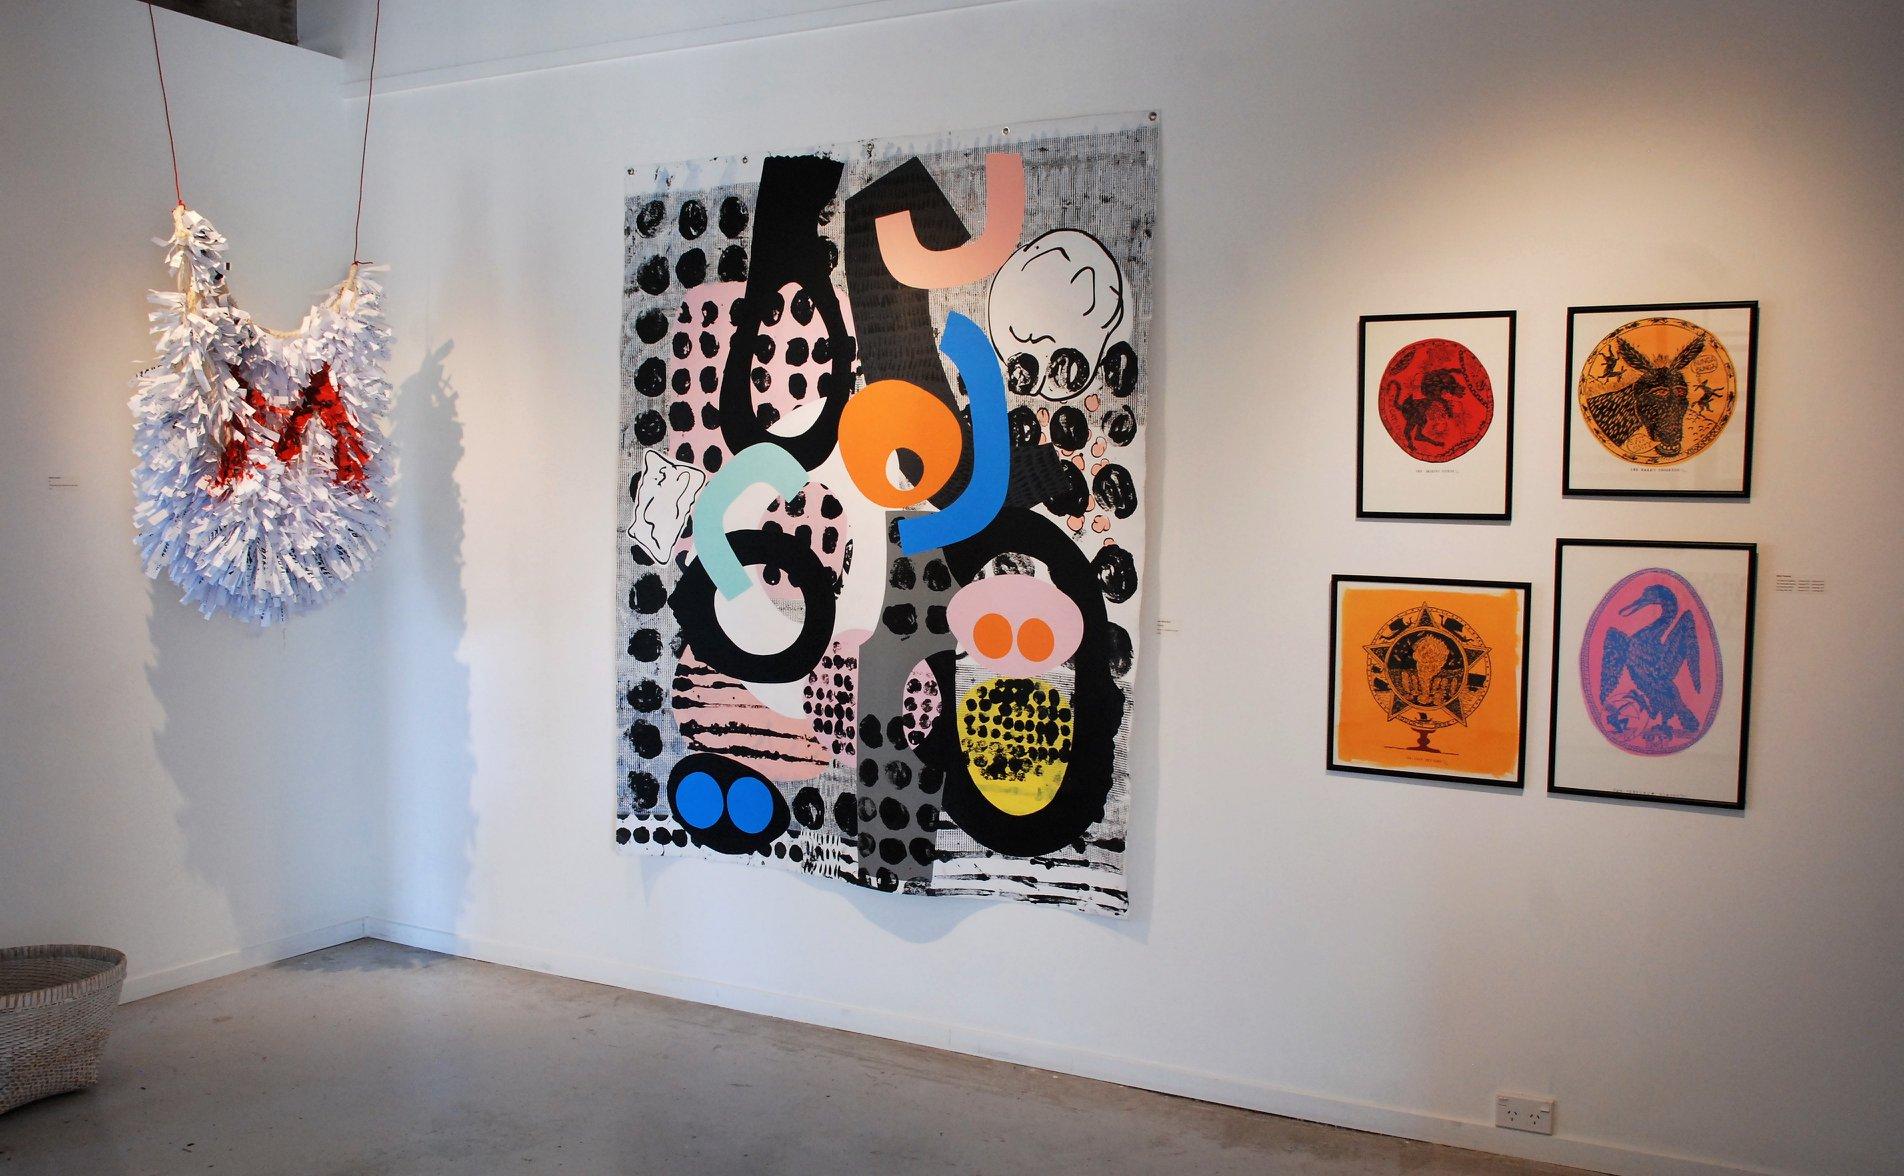 @Village Arts Gallery